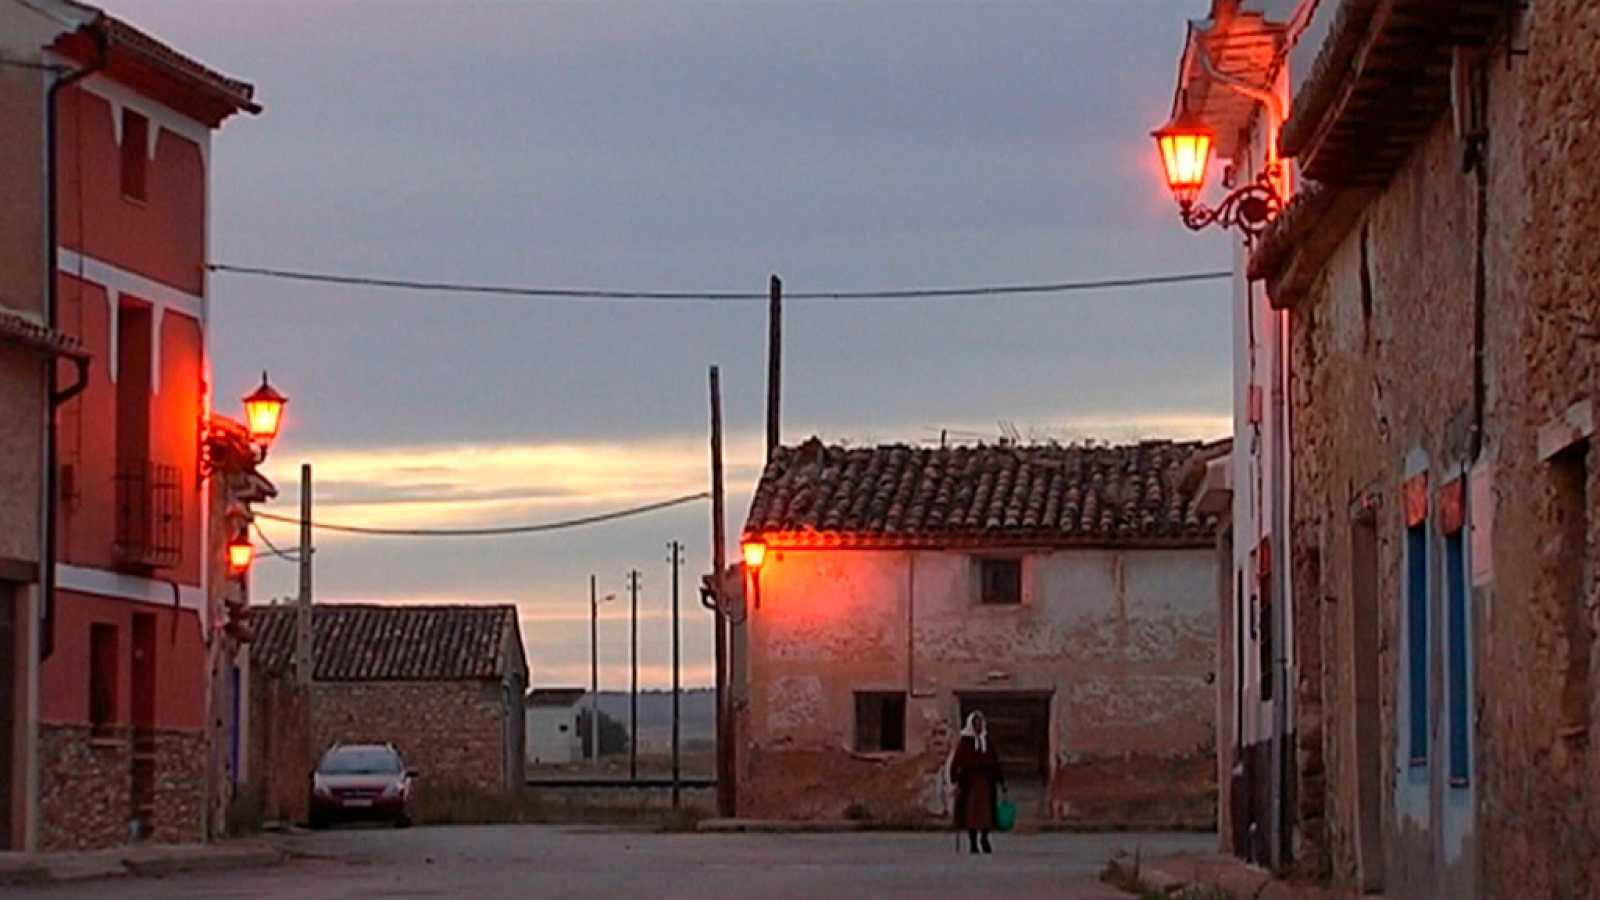 Crónicas - Teruel: la imaginación contra el desierto - ver ahora